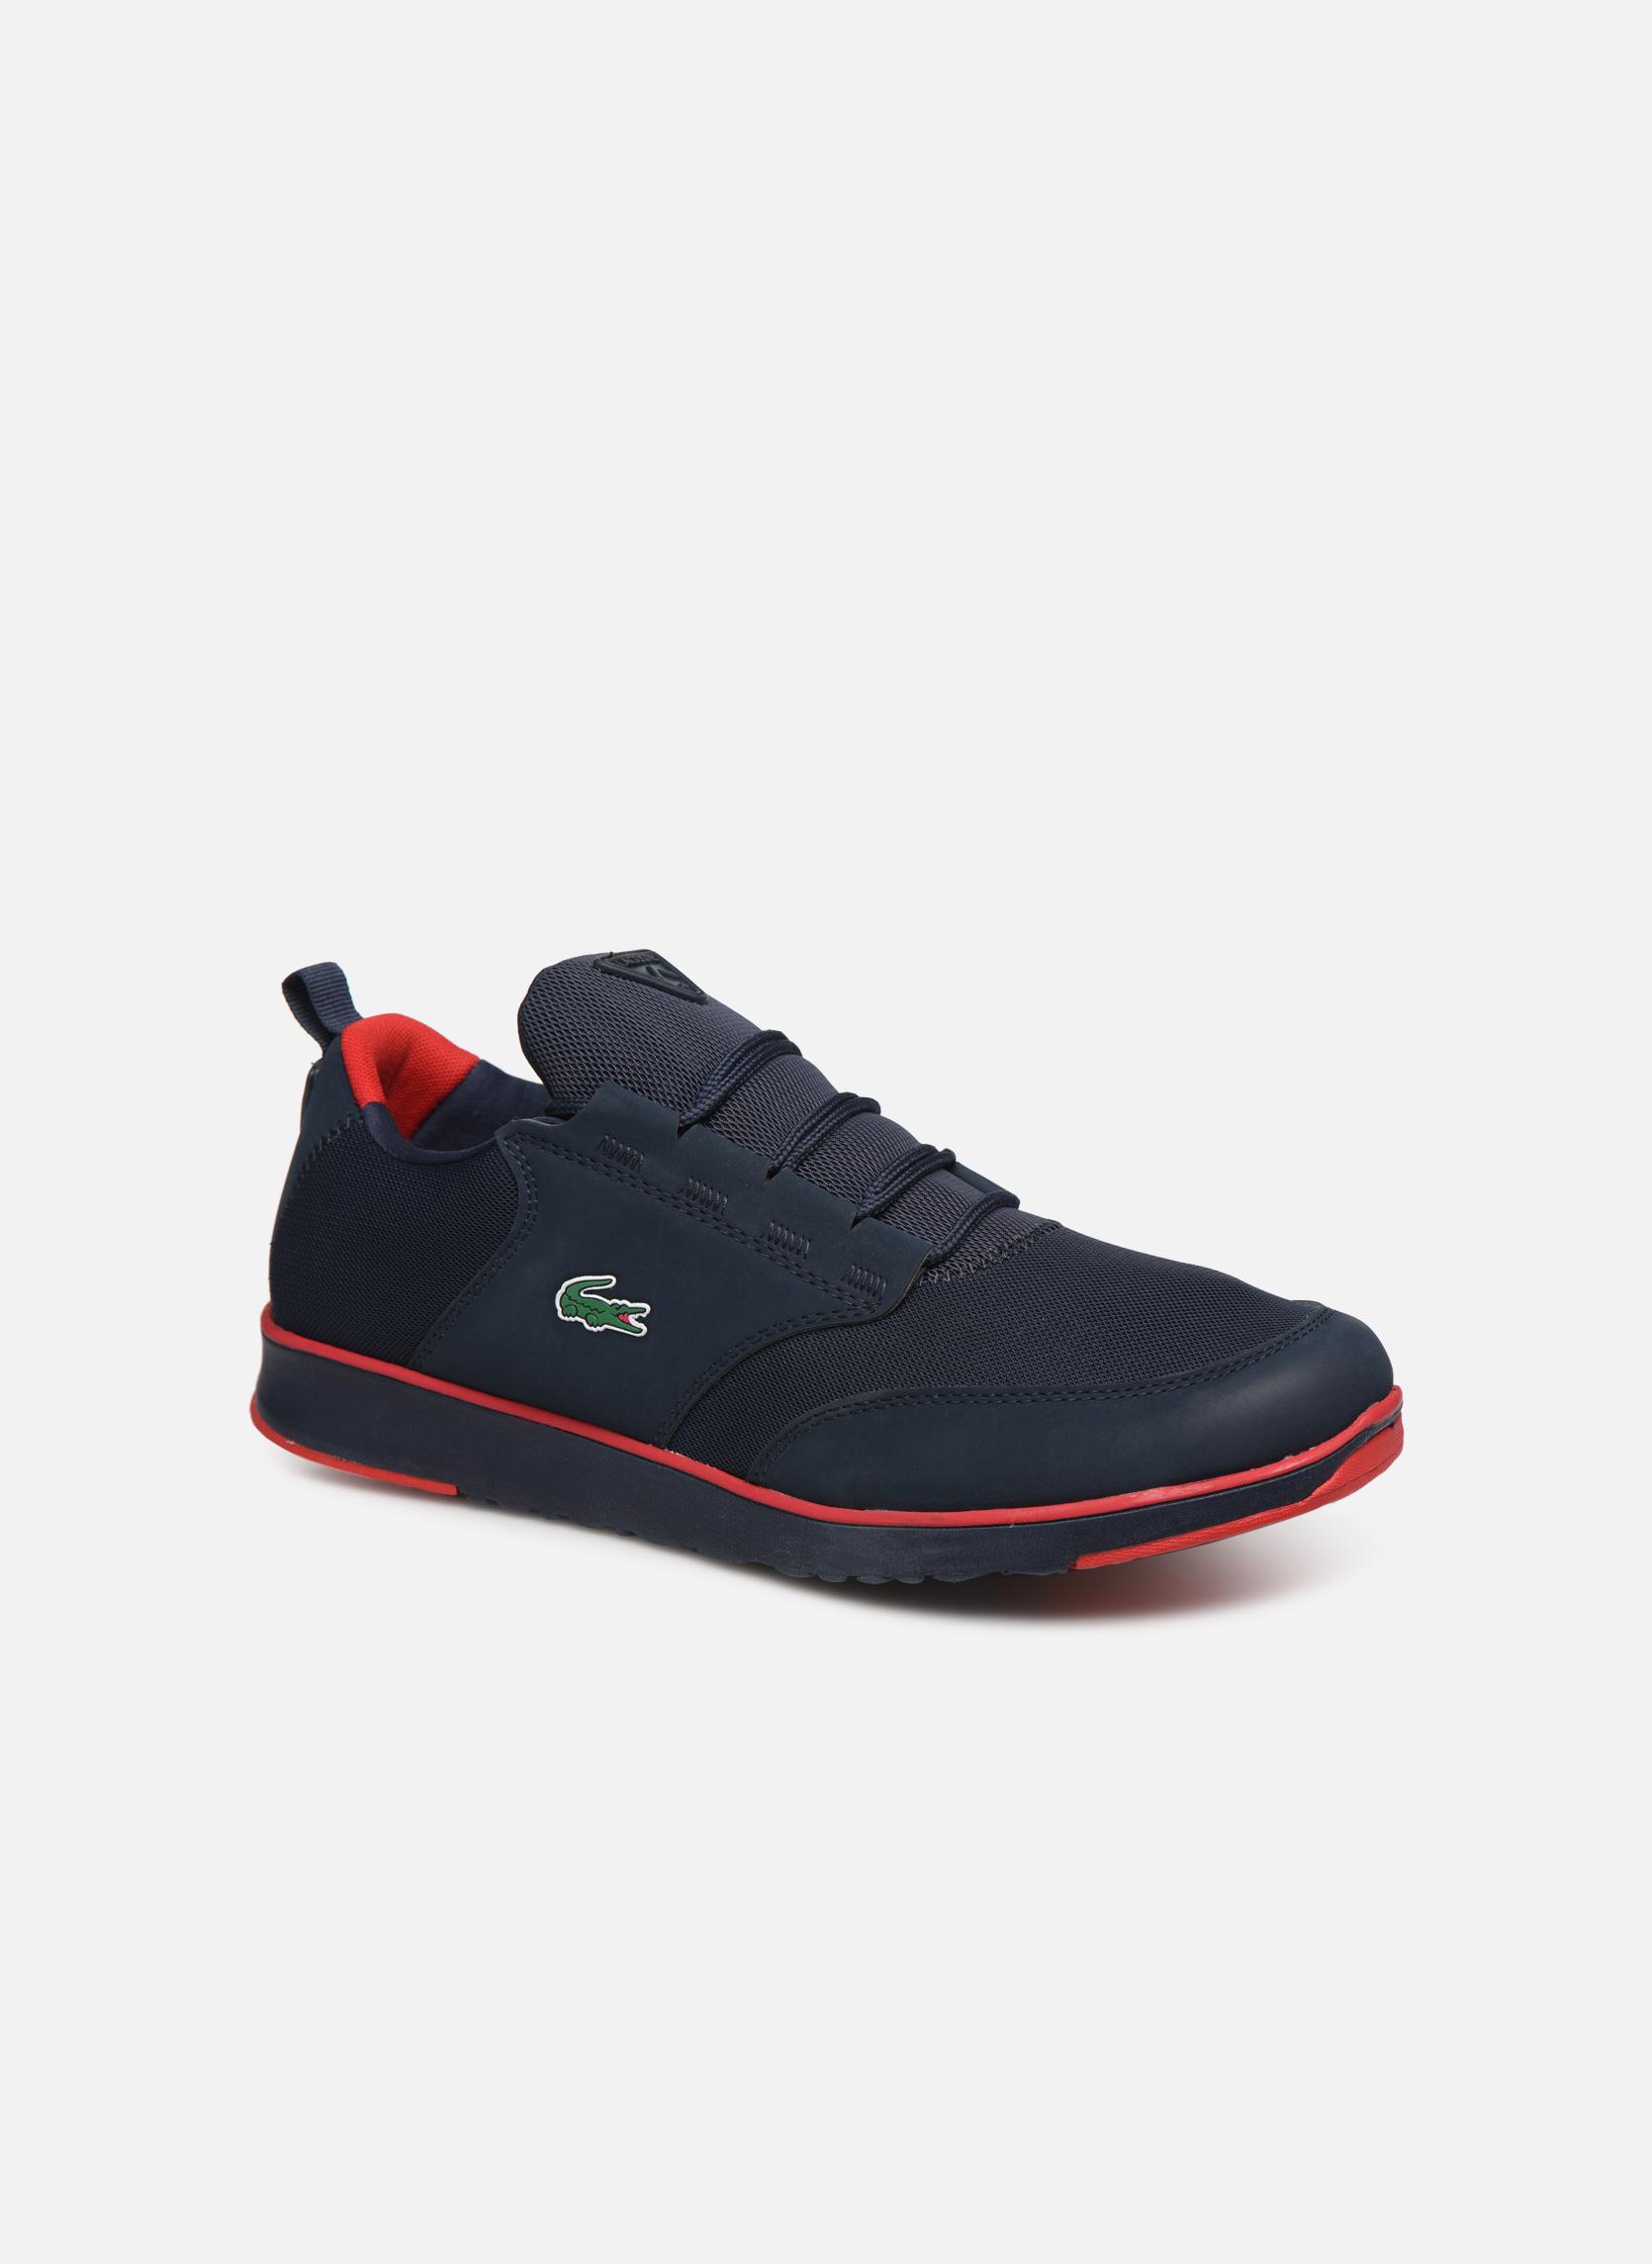 Sneaker Herren L.Ight 116 1